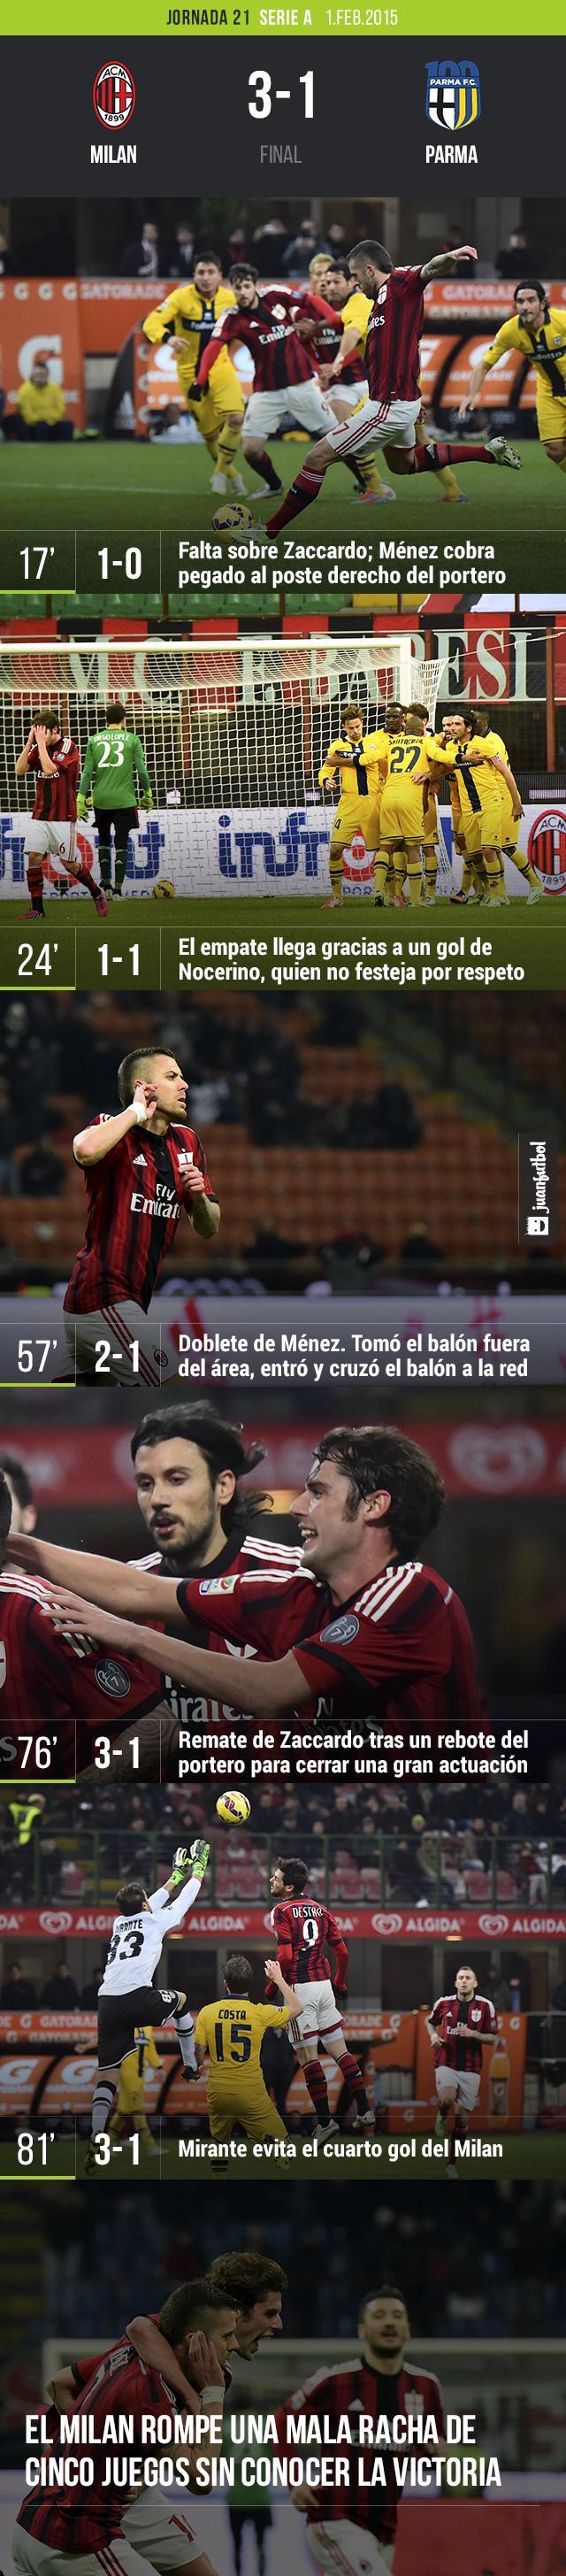 El Milan le gana 3-1 al Parma con goles de Ménez y uno de Zaccardo